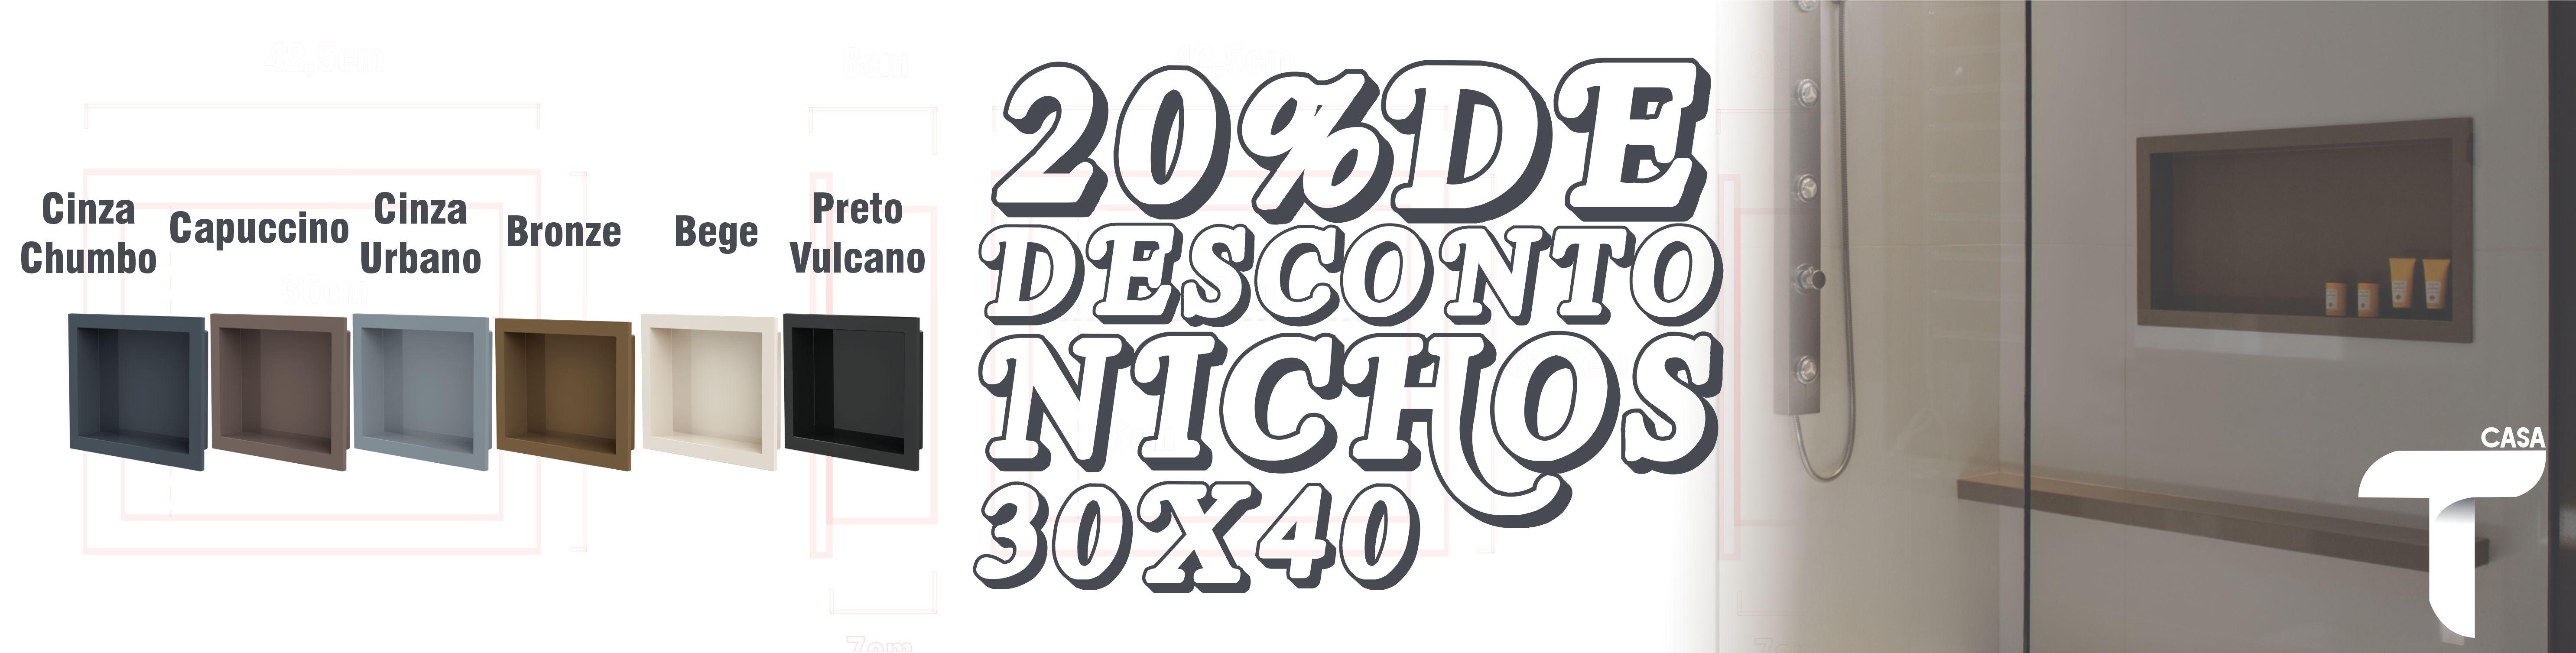 Nichos 30x40